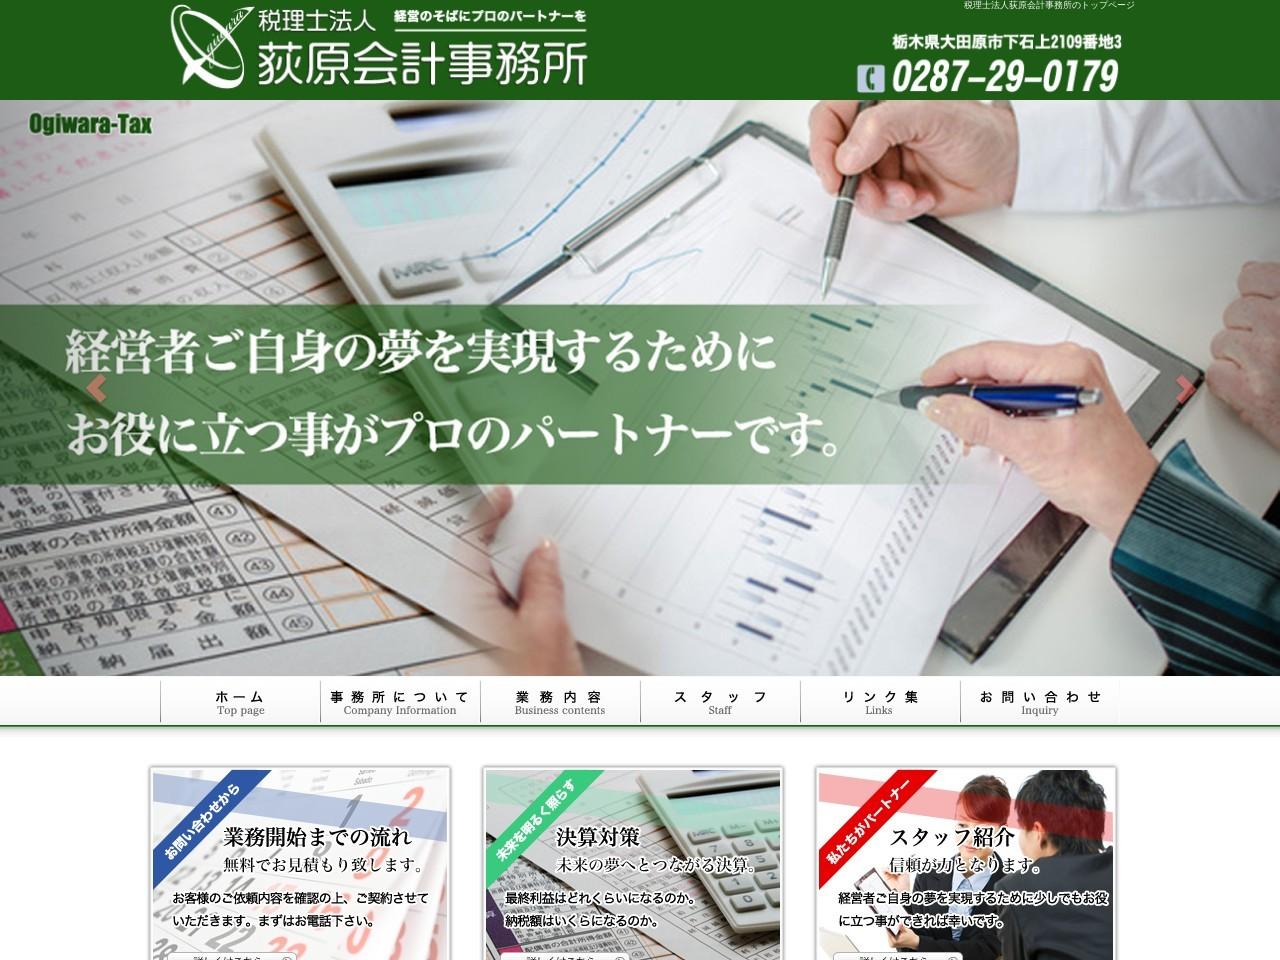 荻原会計事務所(税理士法人)